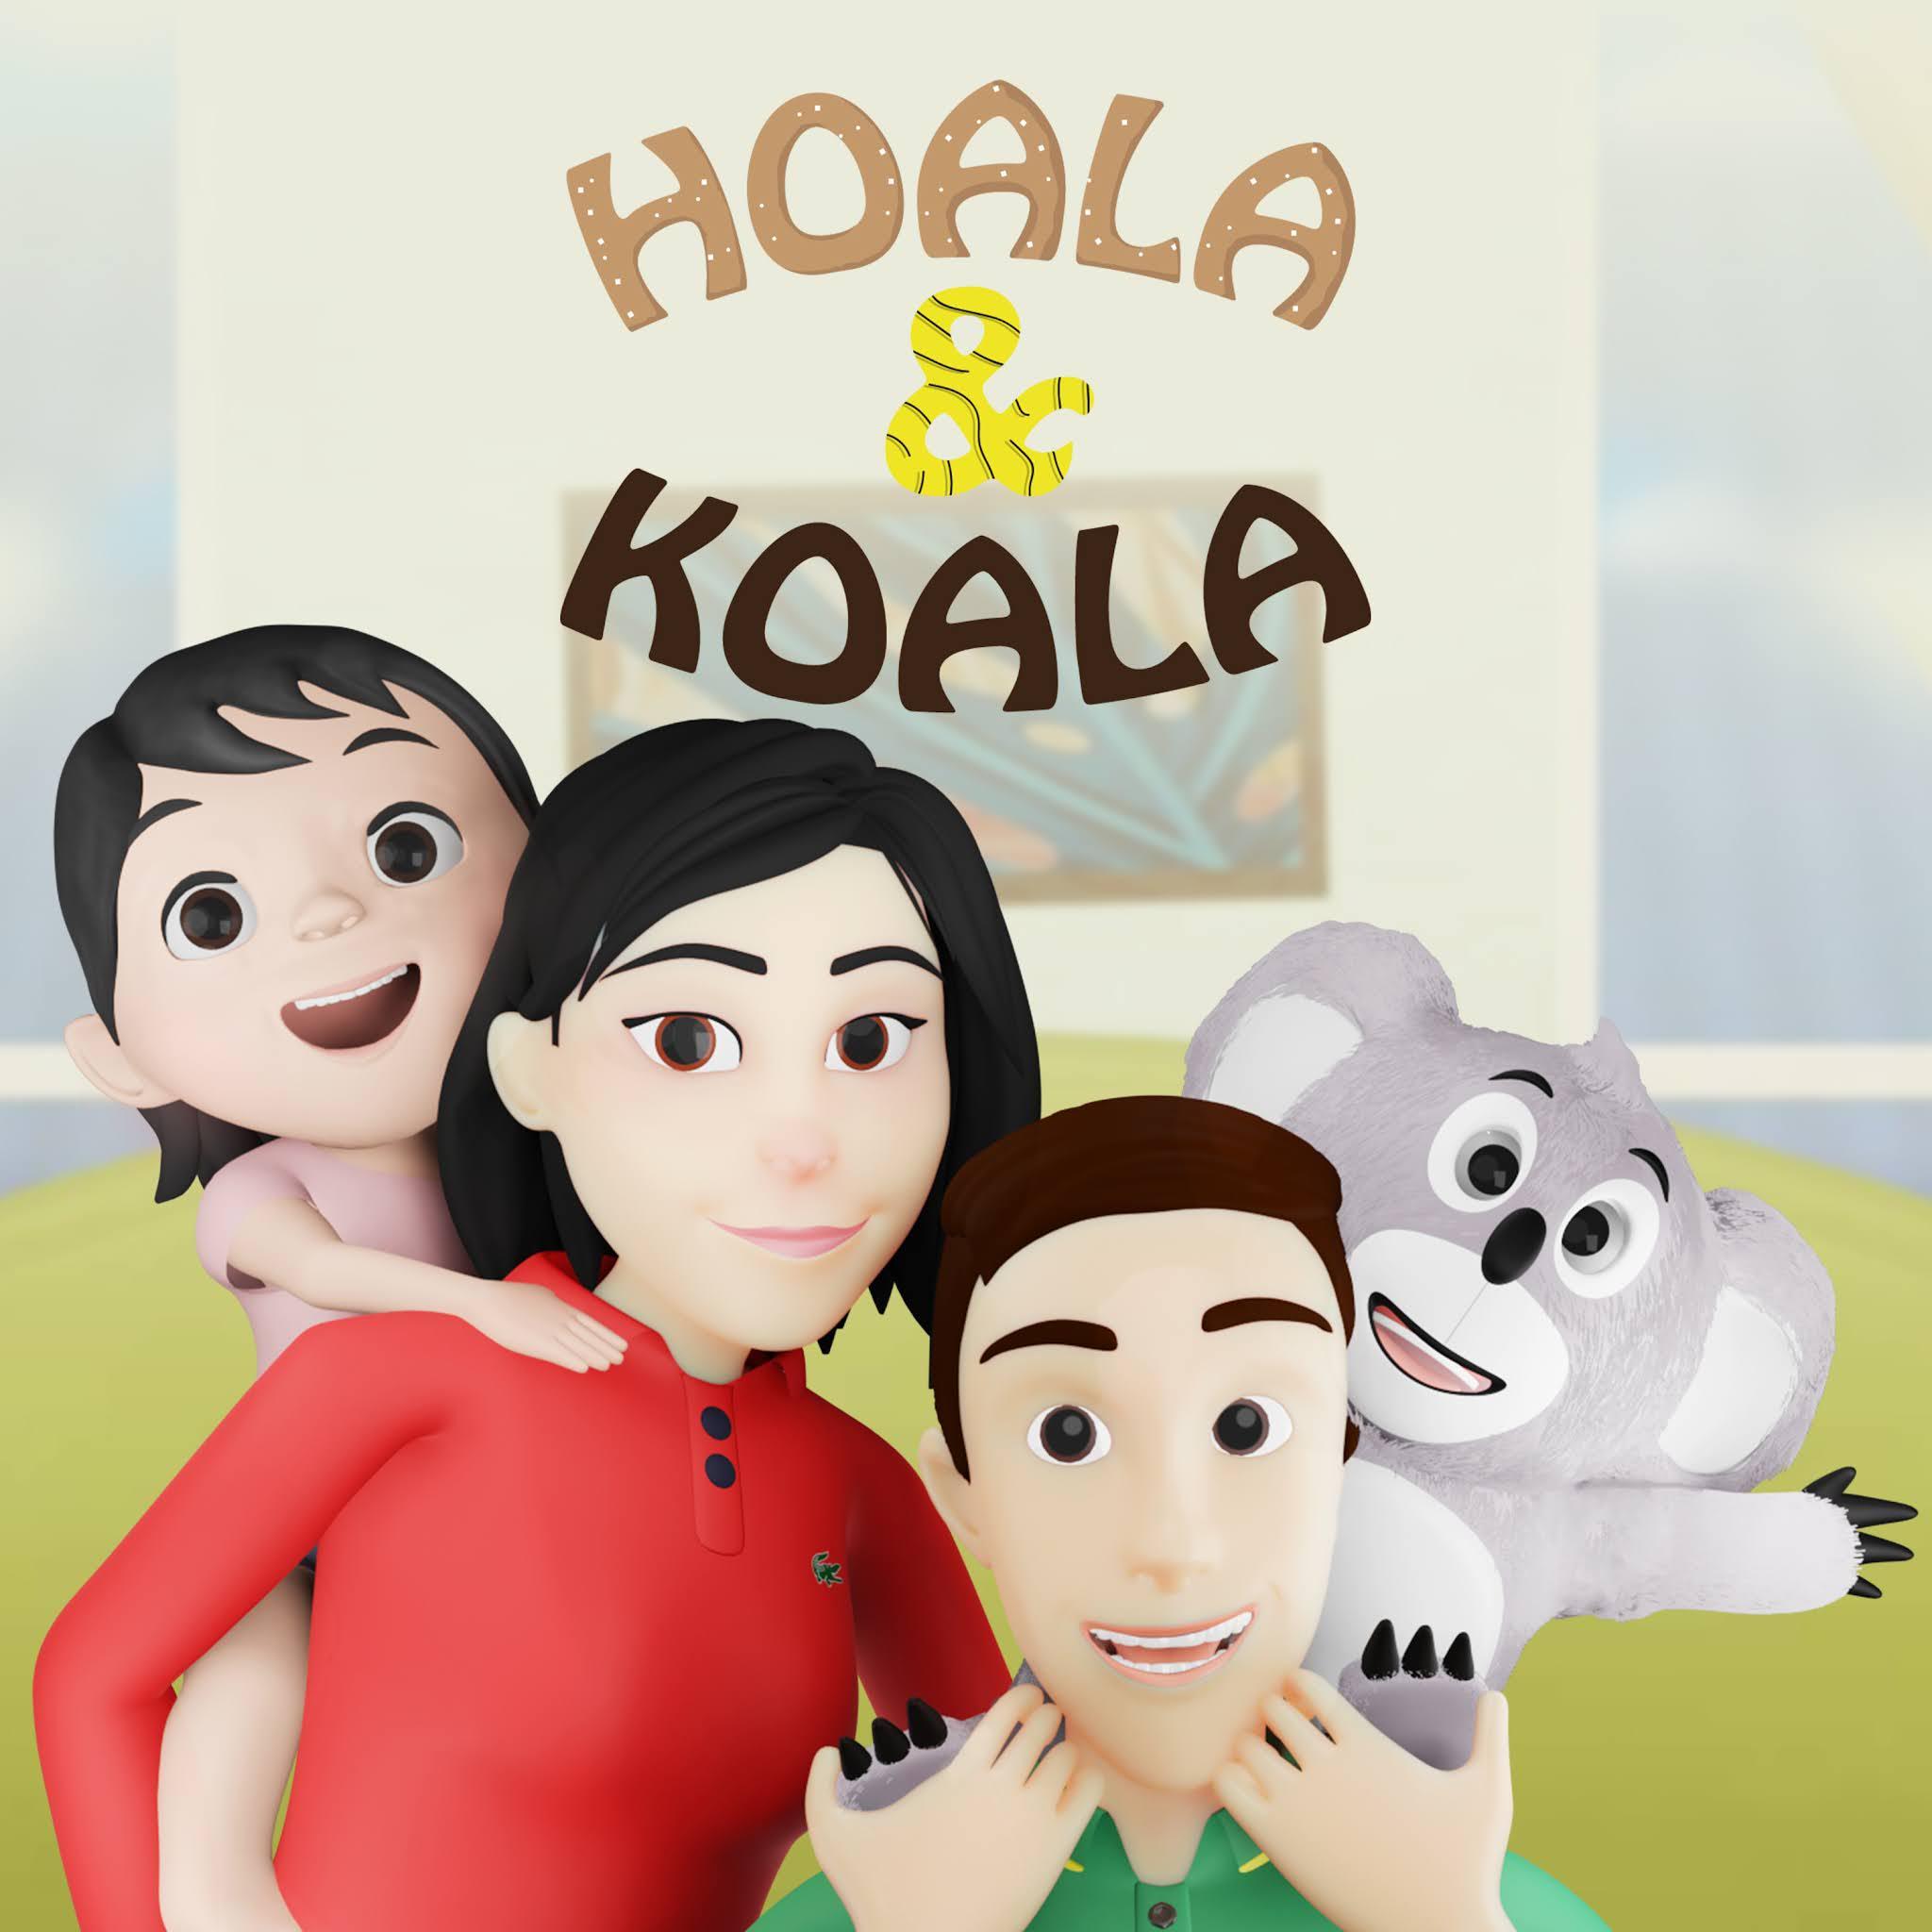 Hoala & Koala